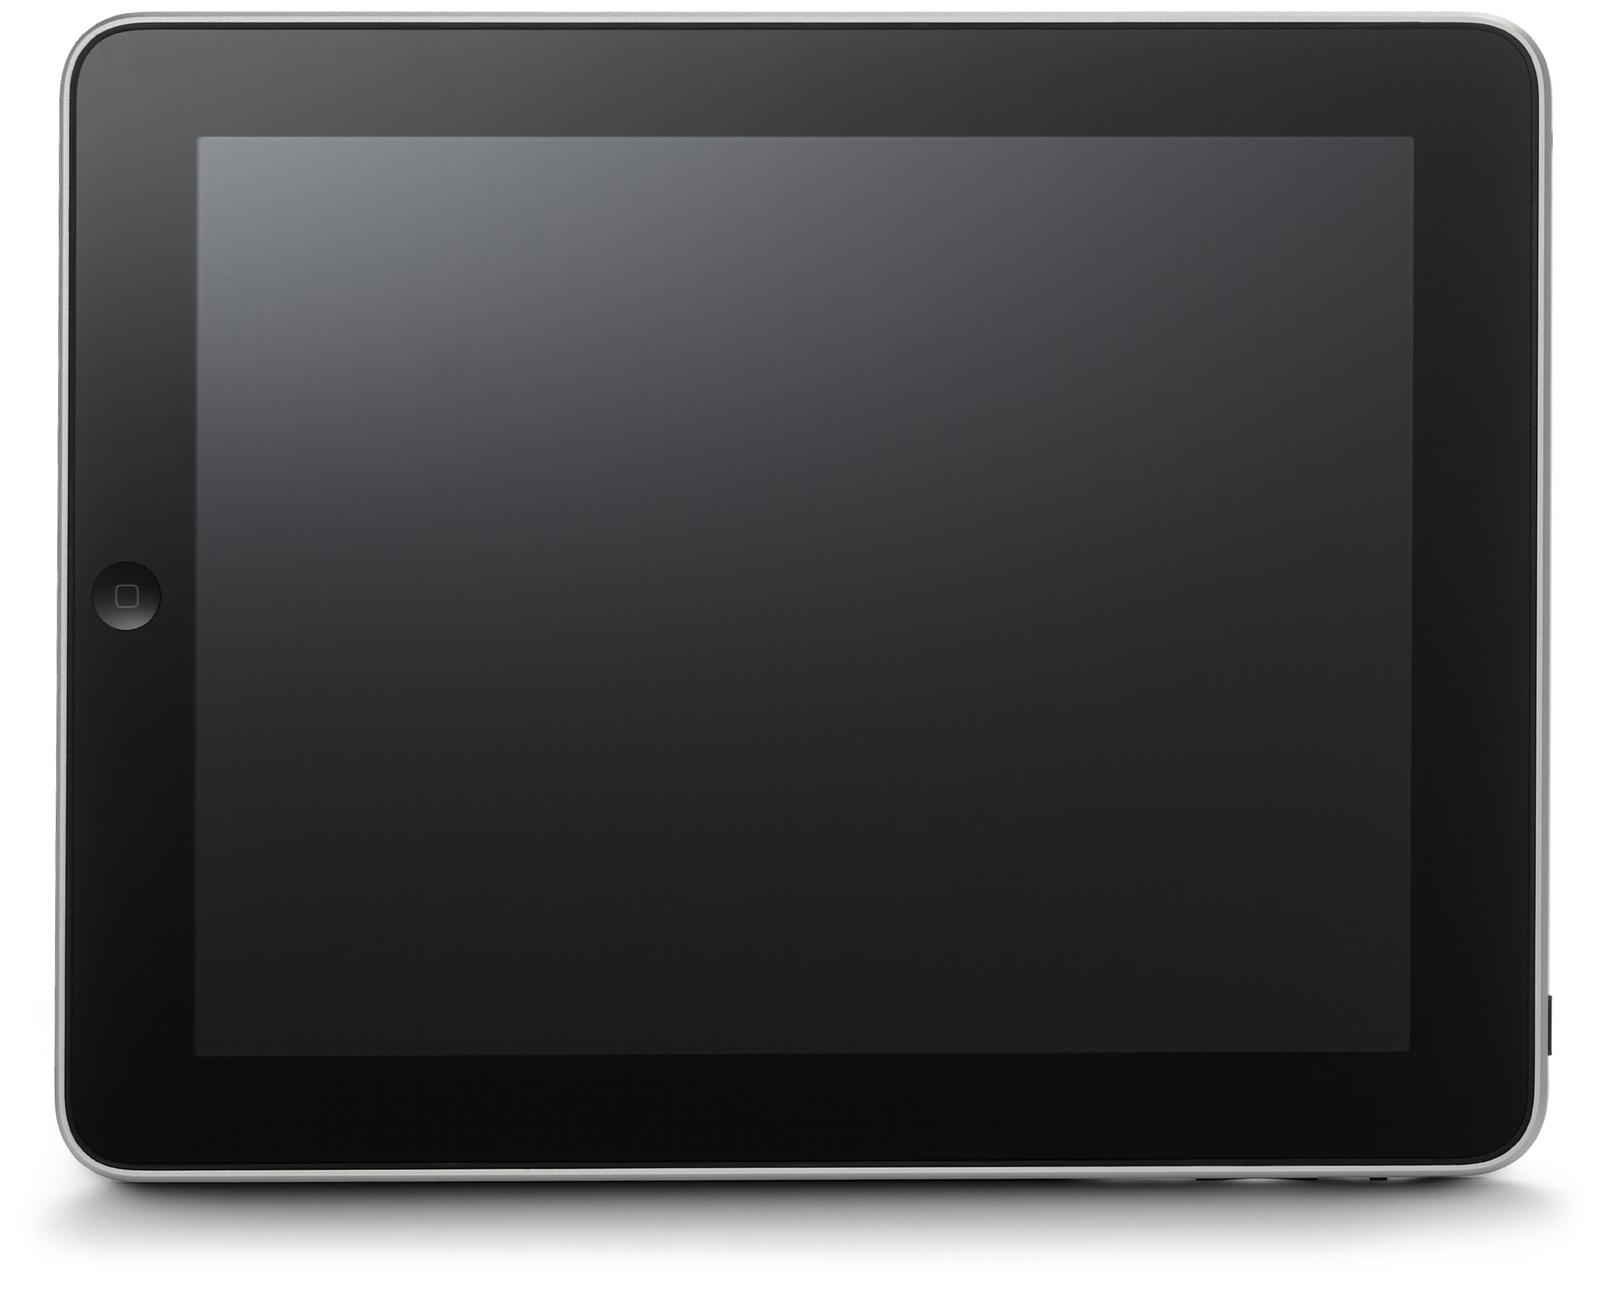 Apple IPad First Generation MB292LL A Tablet 16GB Wifi